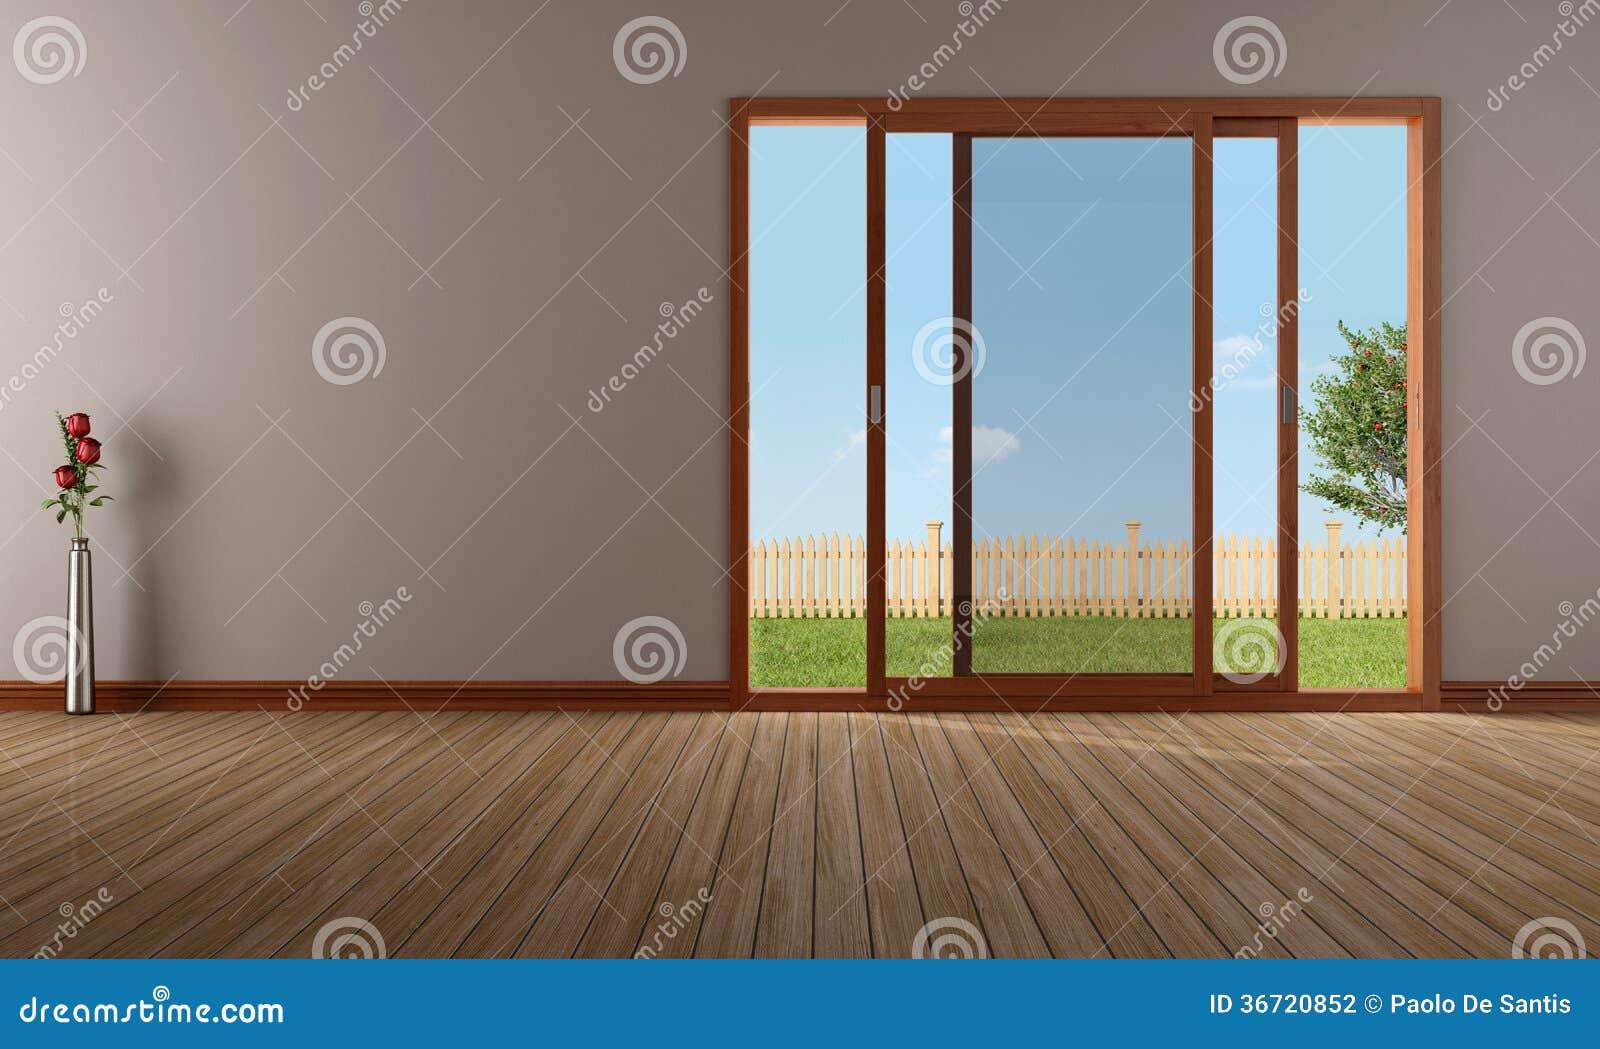 salon vide avec la fen tre de glissement ouverte photographie stock image 36720852. Black Bedroom Furniture Sets. Home Design Ideas